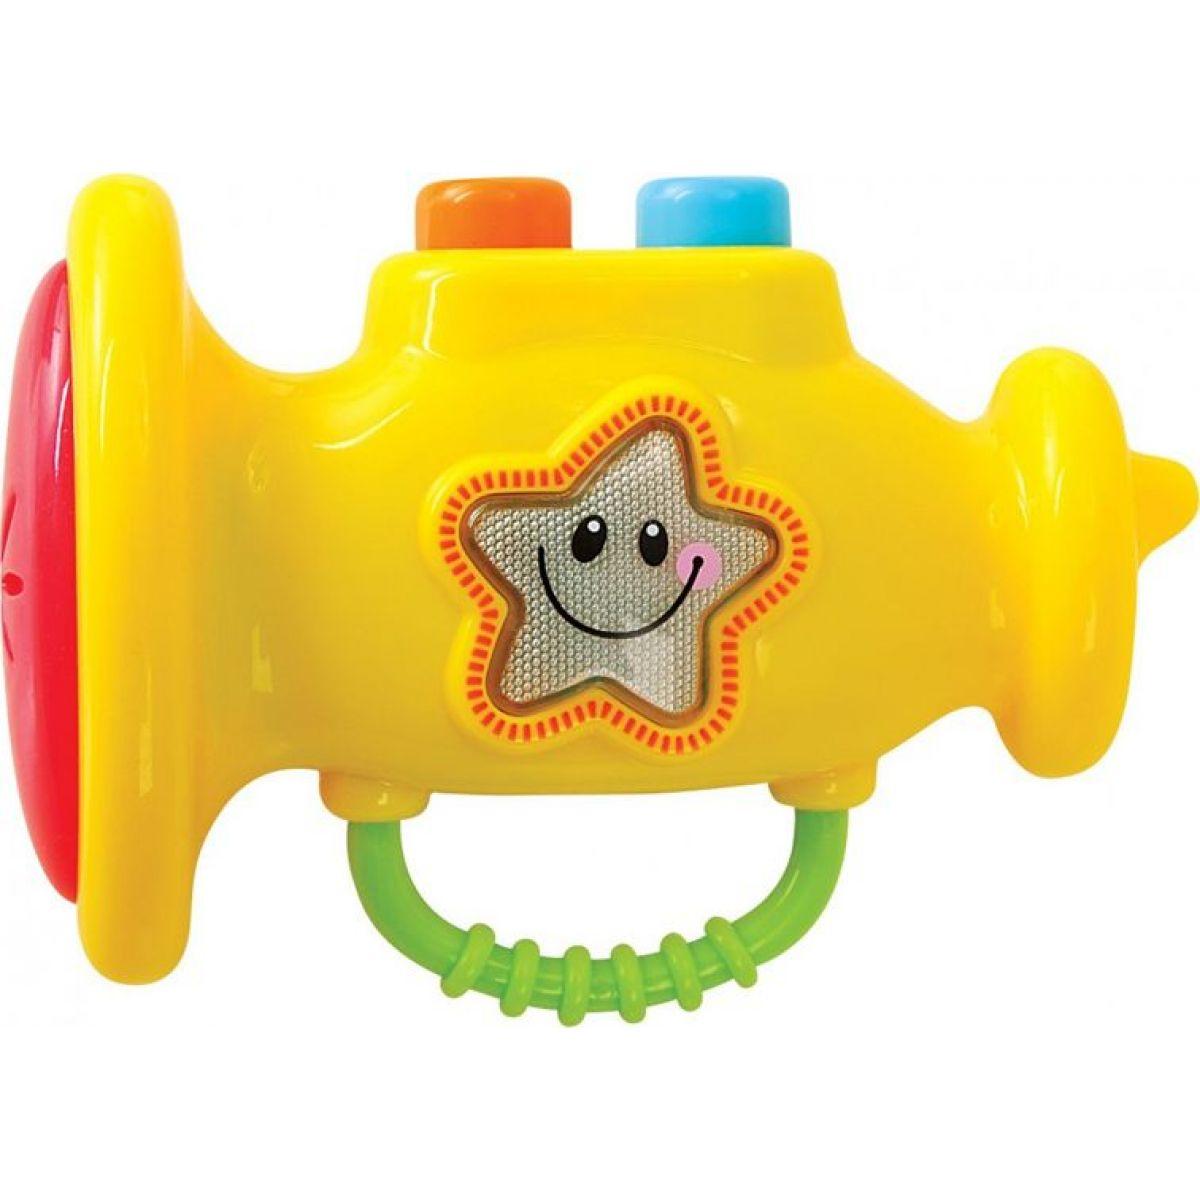 Playgo Trumpeta pro dětskou rockovou hvězdu